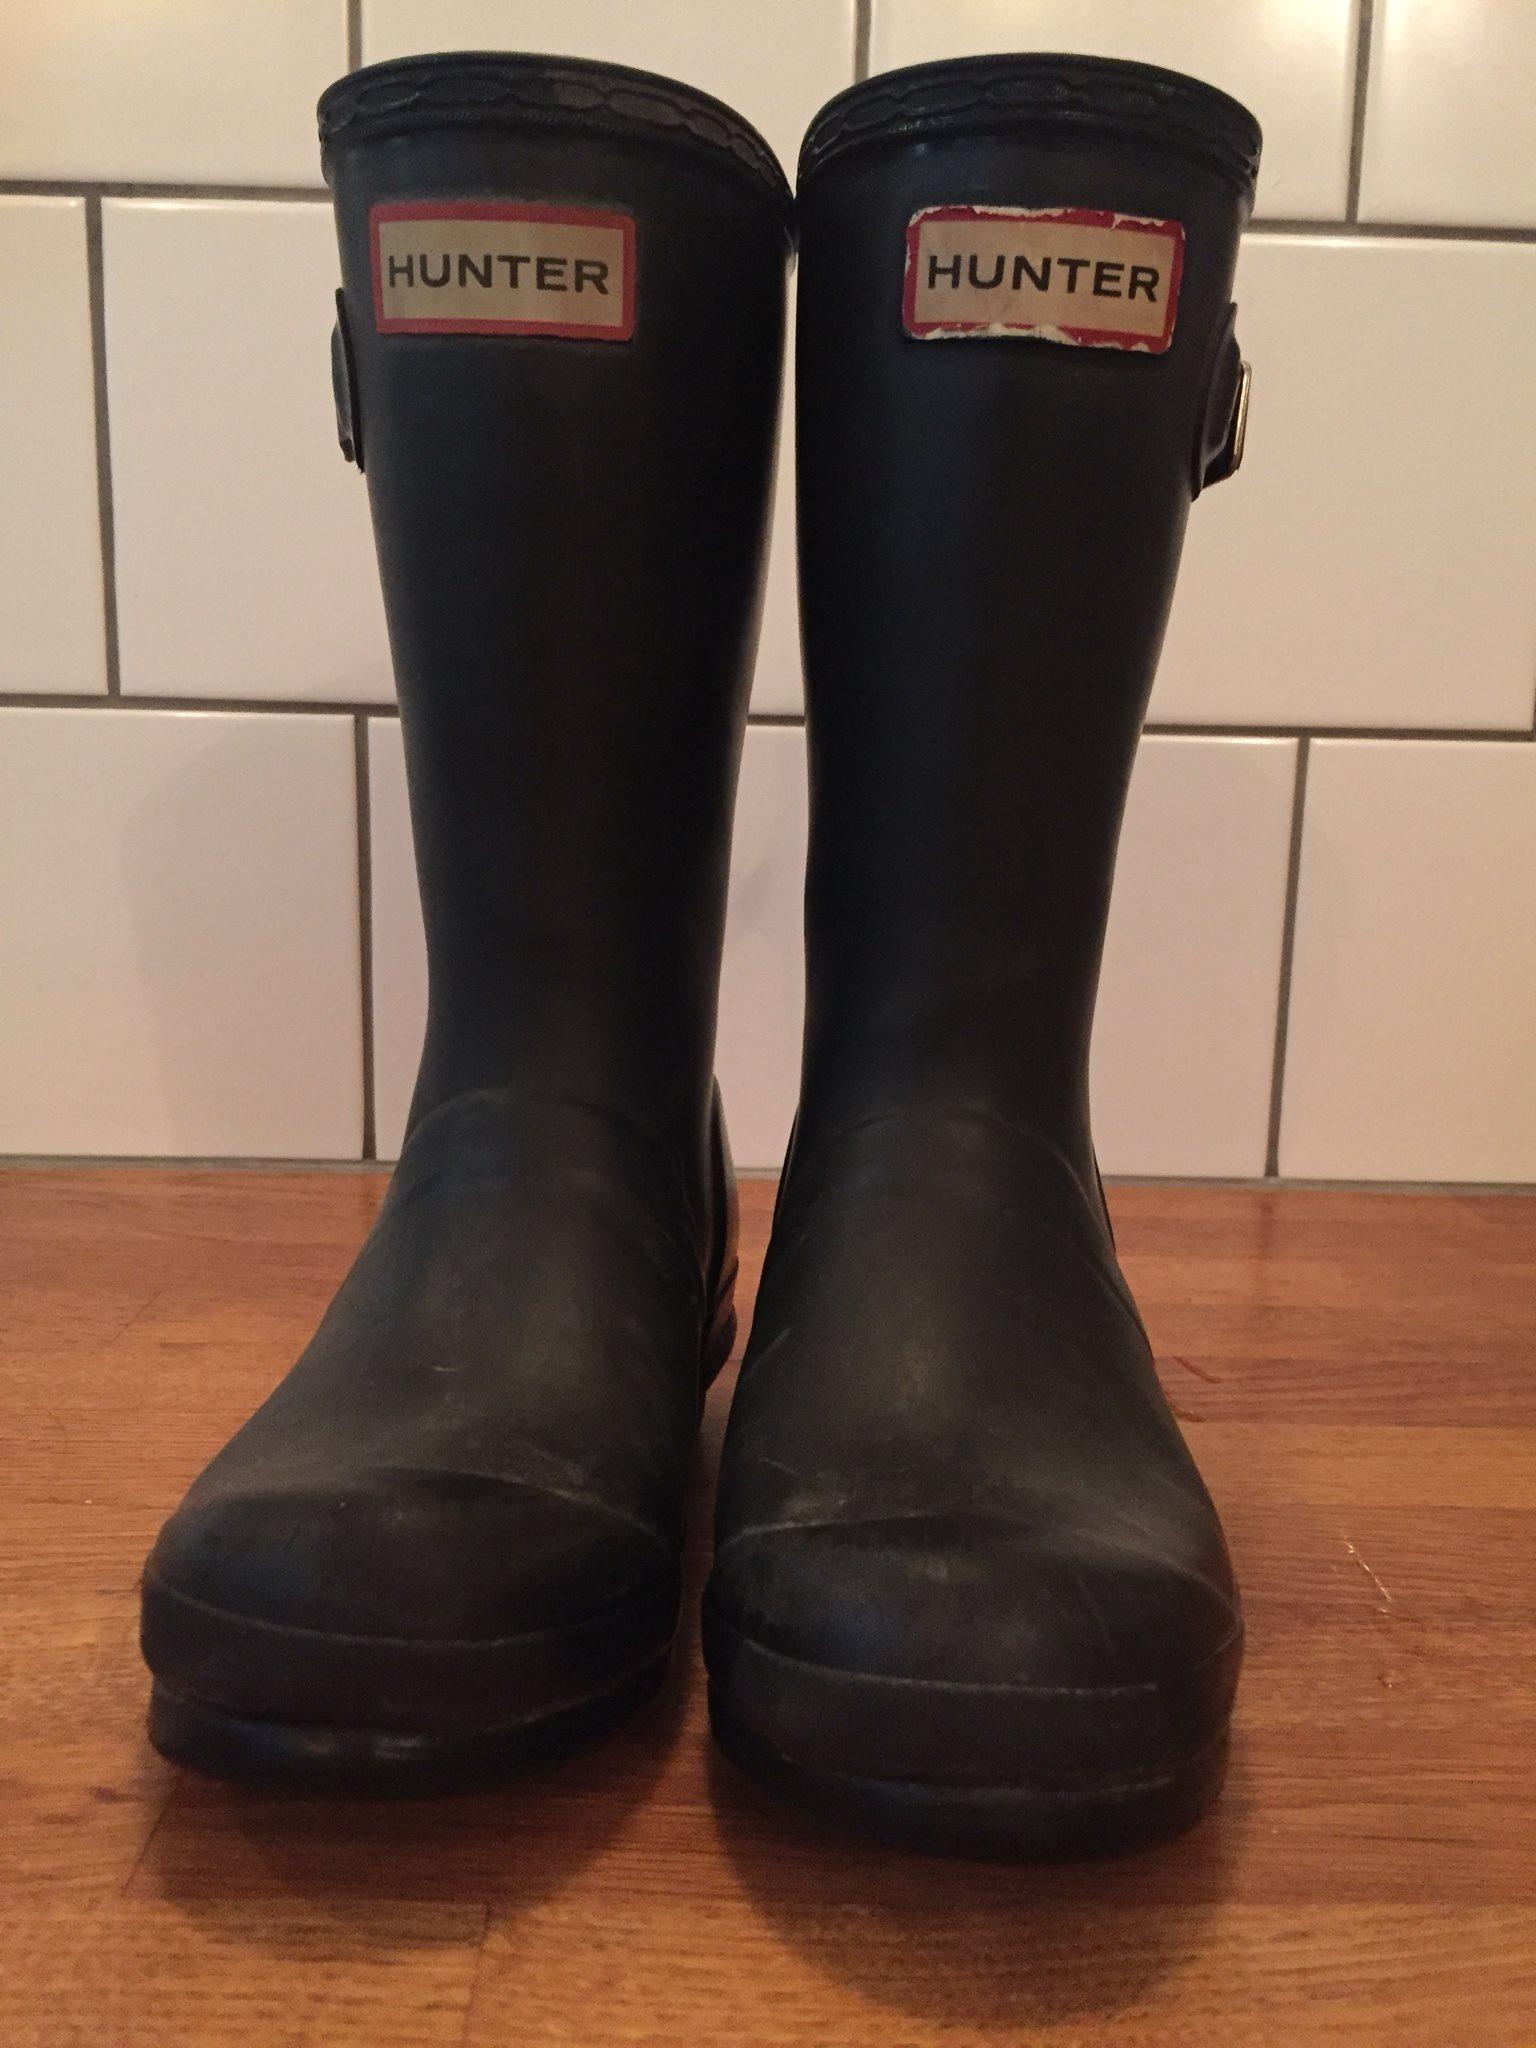 Hunter svarta gummistövlar 30 (340154568) ᐈ Köp på Tradera 4d8b070905966